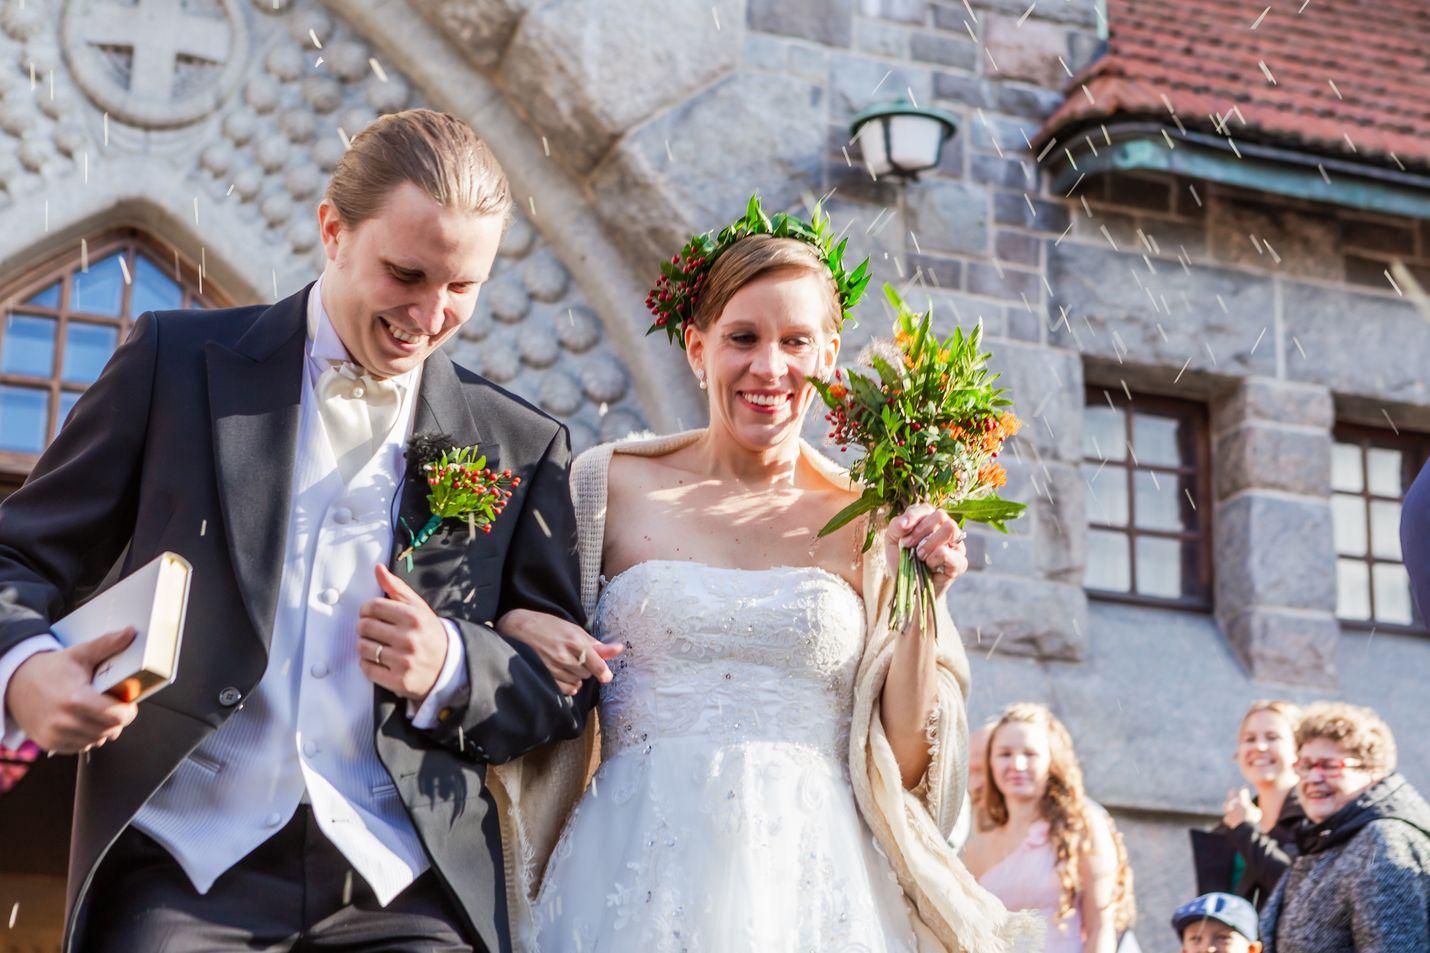 Salla ja Jaska vihittiin Tampereen tuomiokirkossa lokakuussa. He ovat olleen yhdessä vuodesta 2014 saakka.